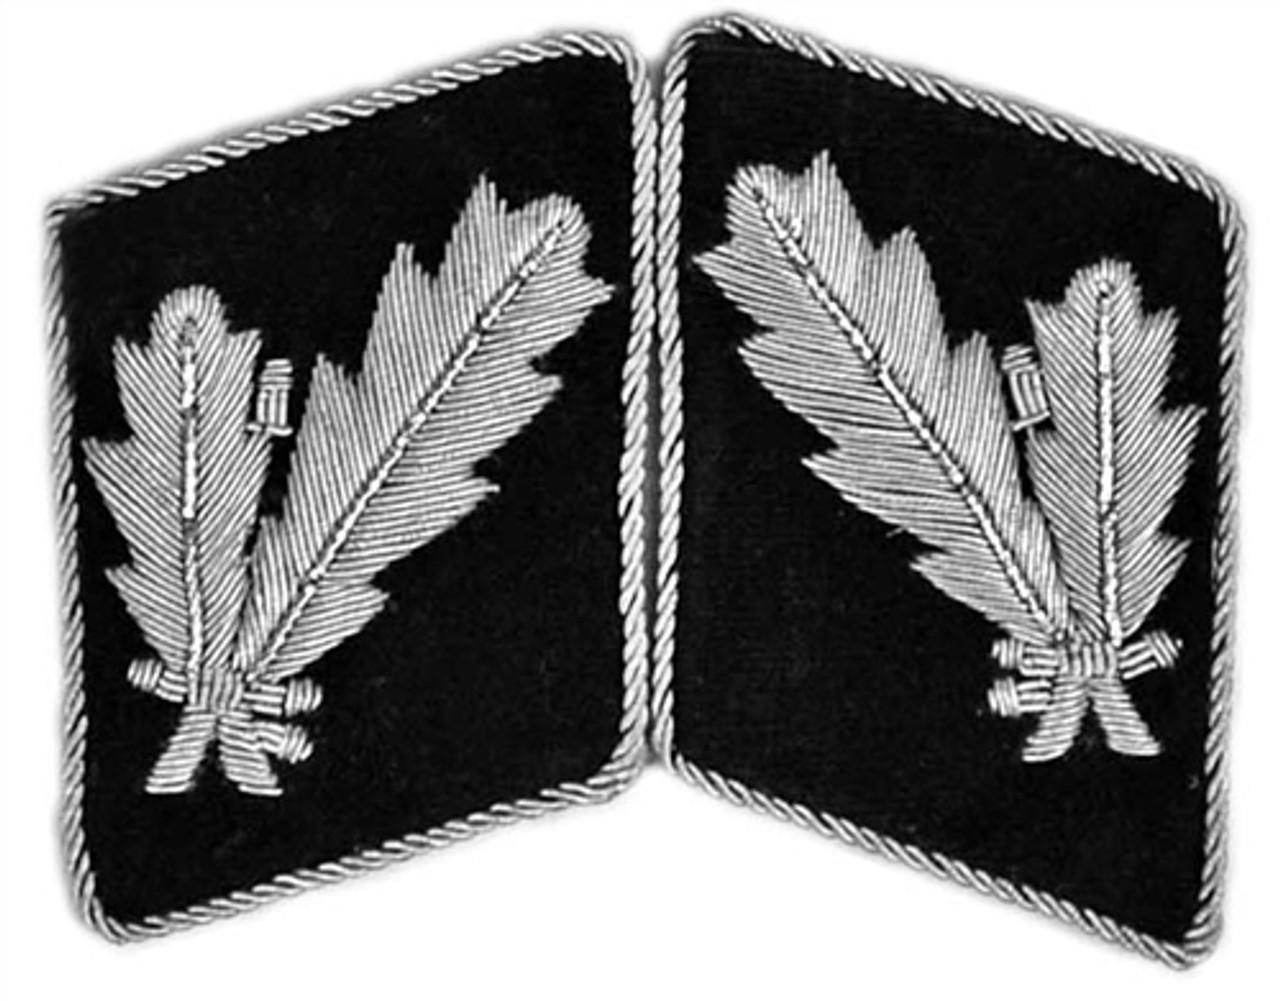 Waffen-SS Officer Collar Tabs